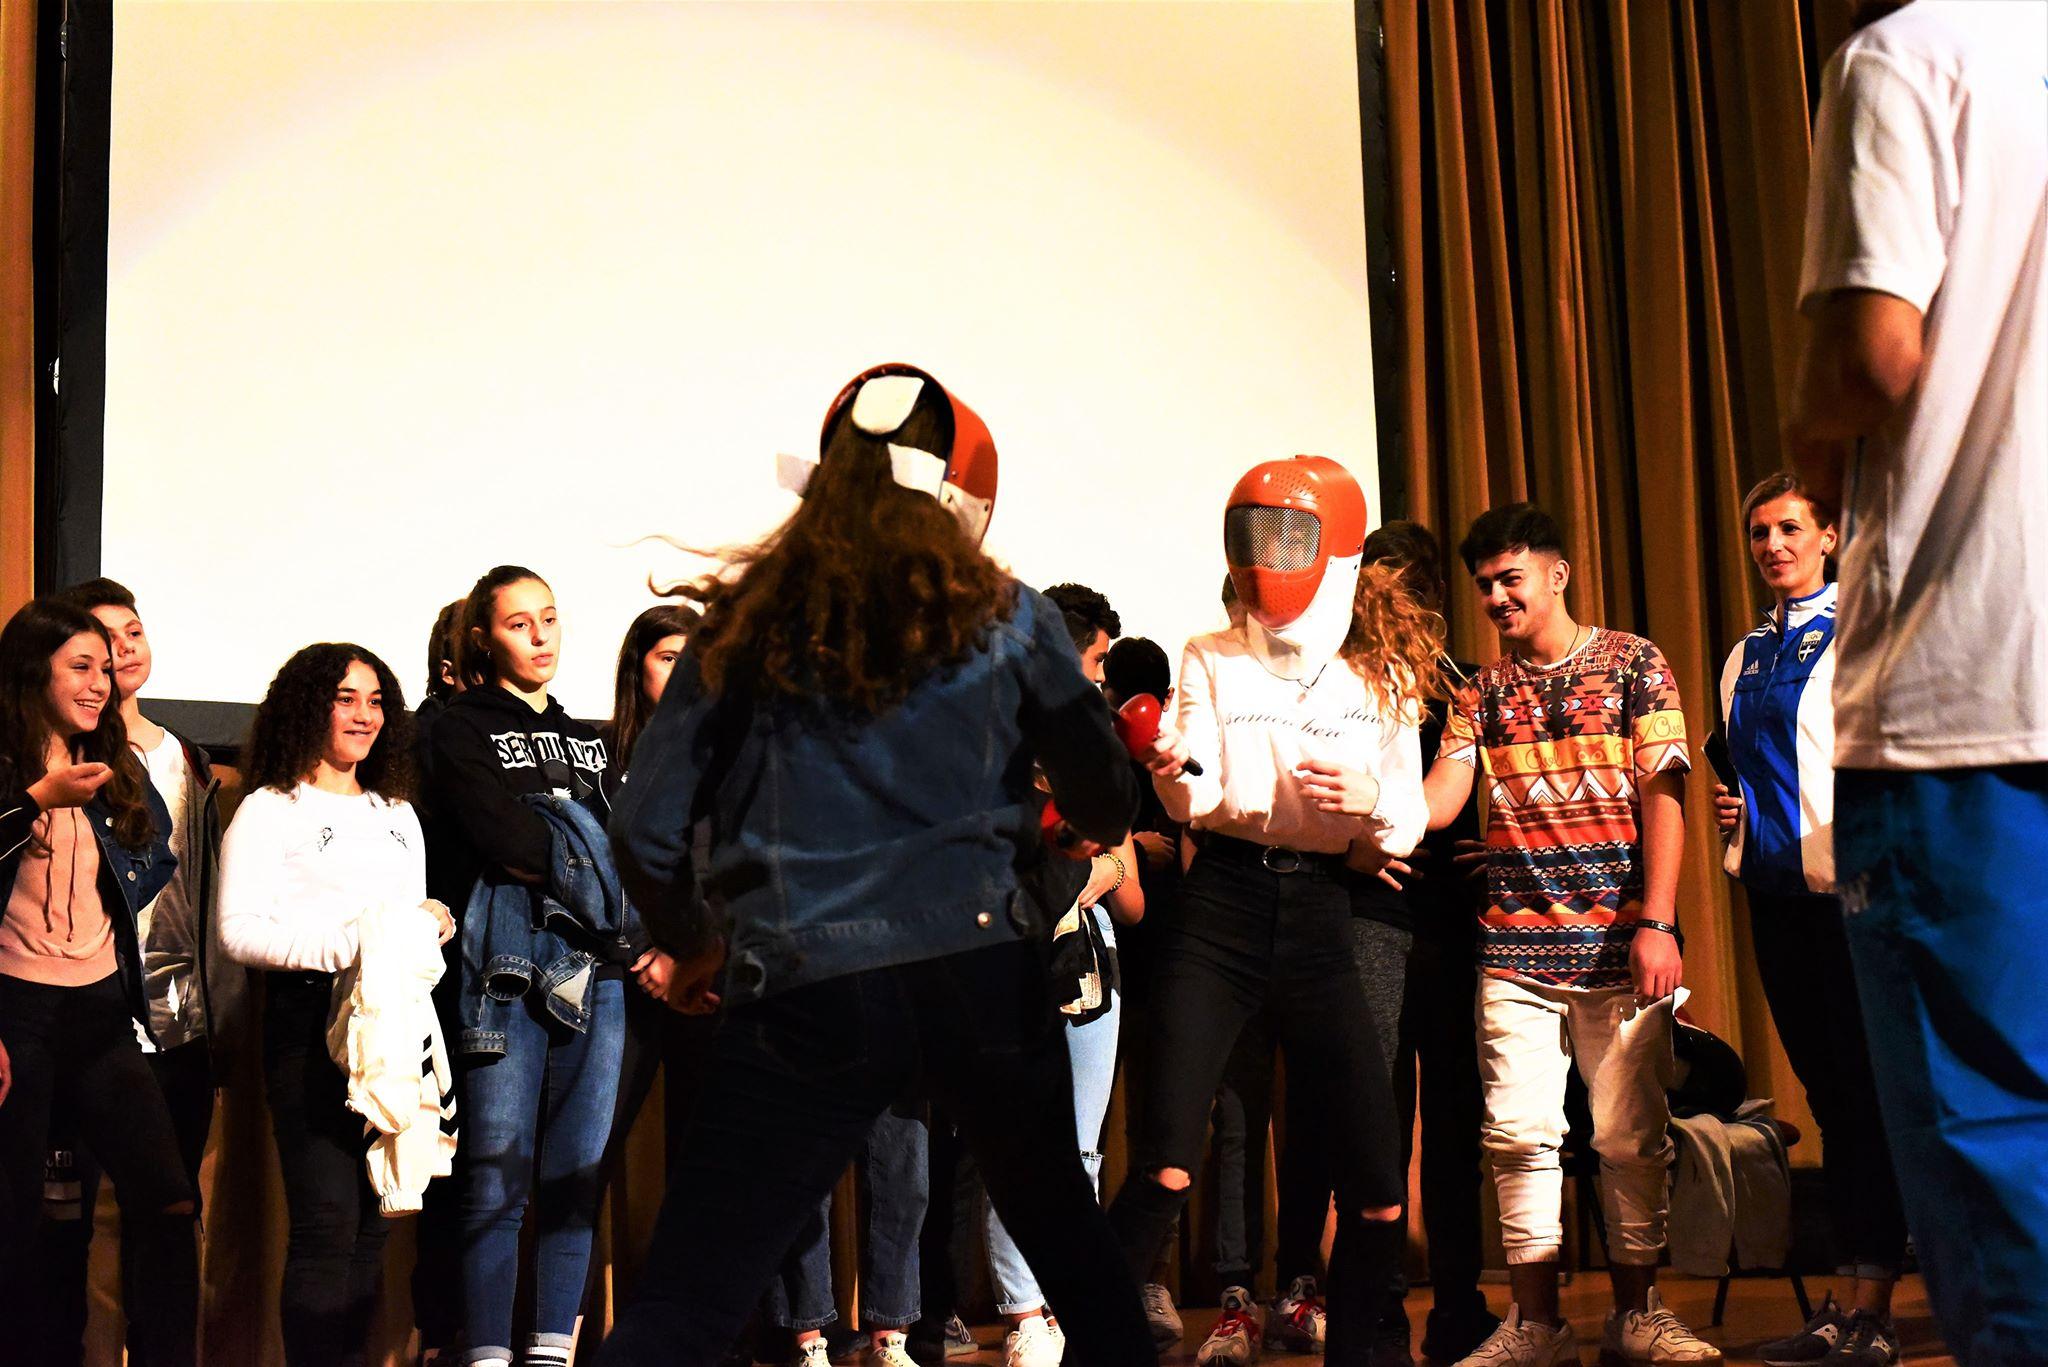 «Όχι στην εξάρτηση, ναι στο διαδίκτυο» είπαν οι μαθητές της Αλεξανδρούπολης